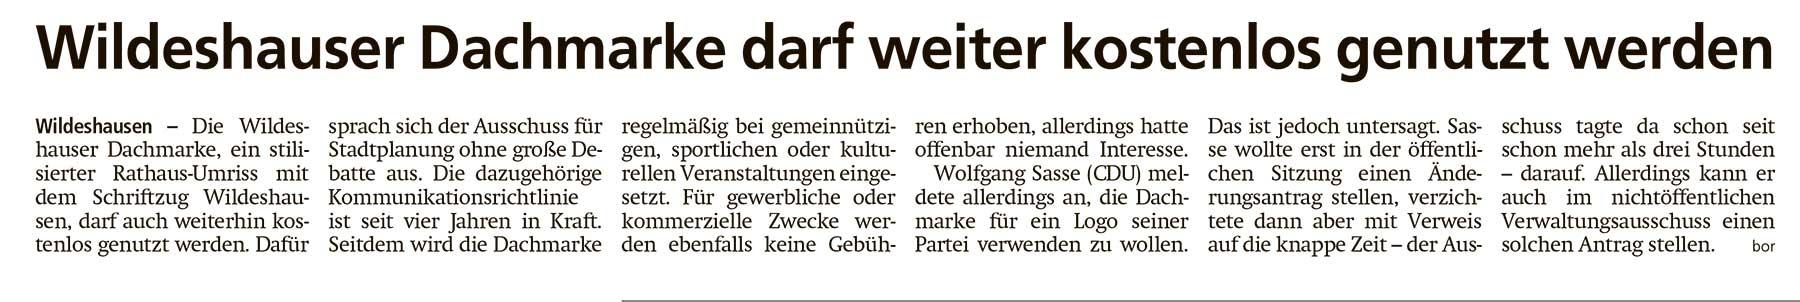 Wildeshauser Dachmarke darf weiter kostenlos genutzt werdenDie Wildeshauser Dachmarke, ein stilisierter Rathaus-Umriss...Artikel vom 23.11.2020 (WZ)